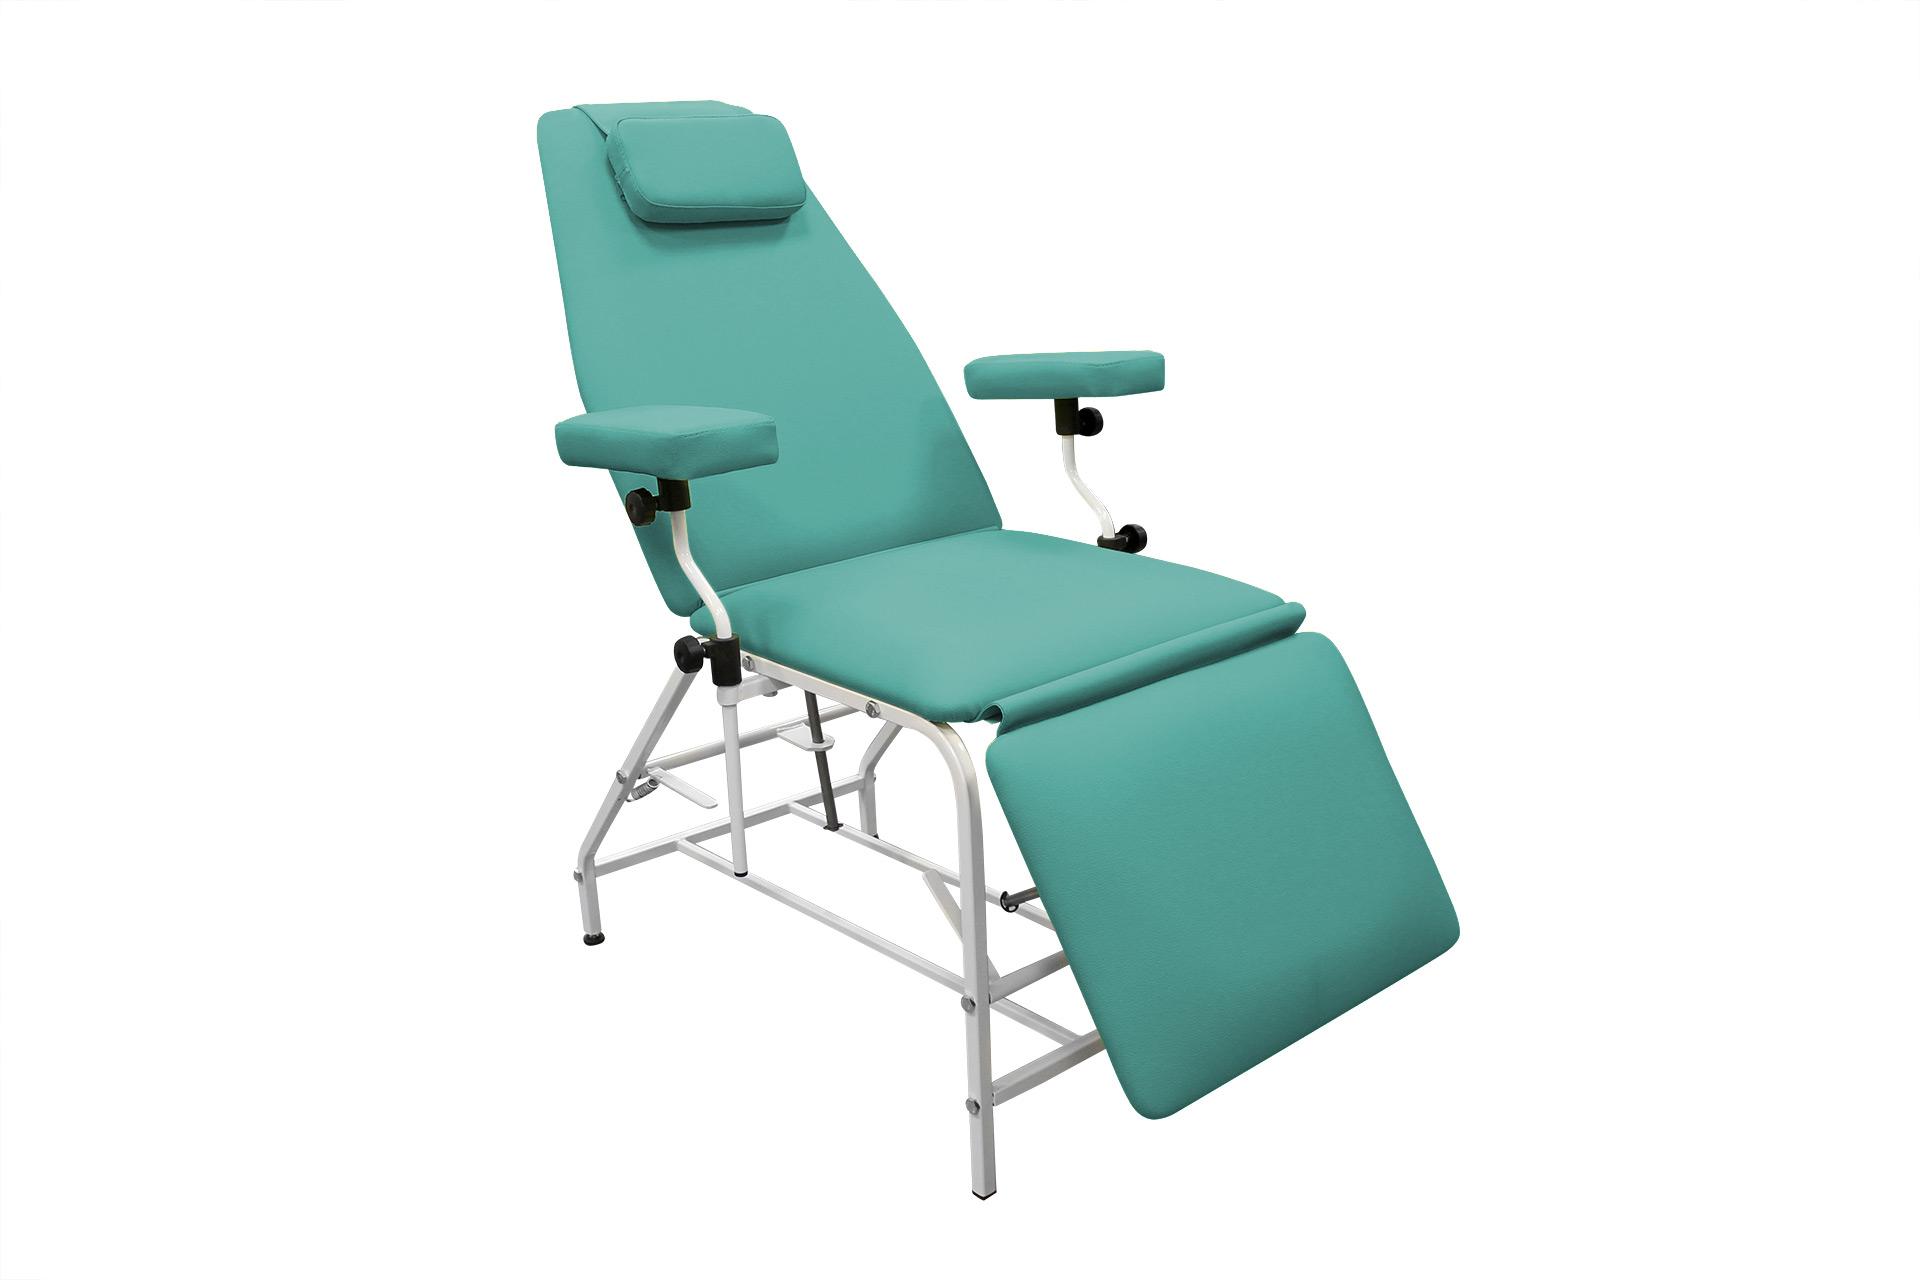 Кресло с подлокотником для забора венозной крови и внутривенных инъекций - донорское кресло